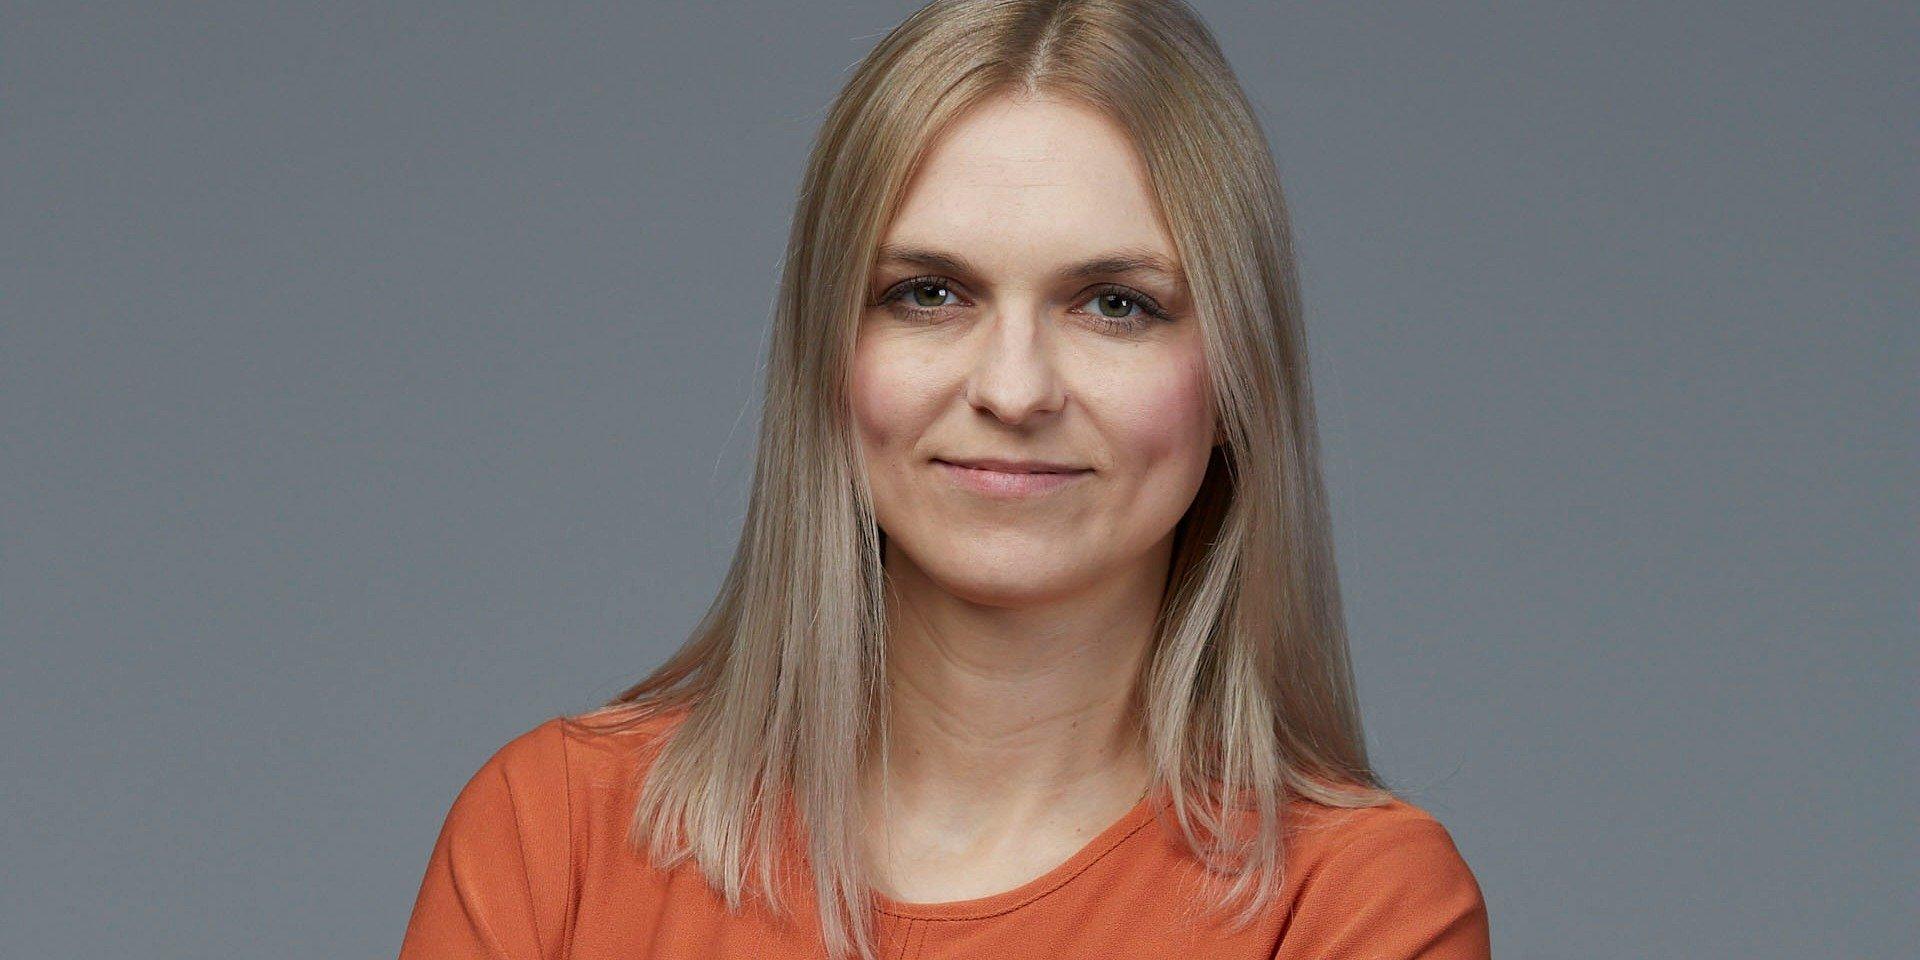 ageizm i marketing 60+: Joanna Śmietanka